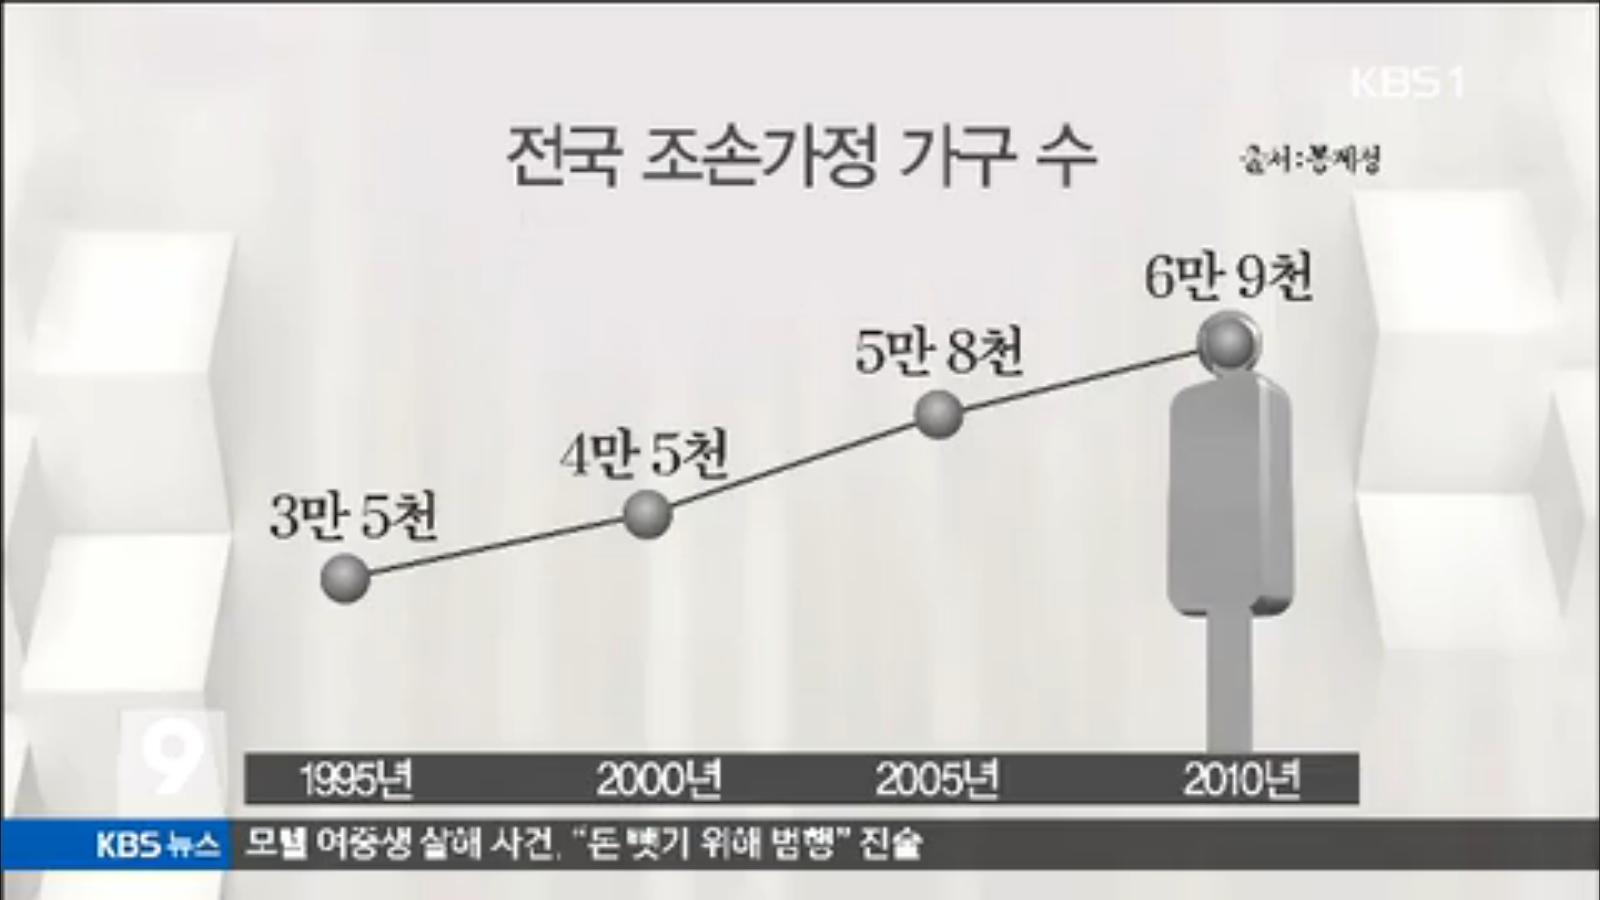 [15.3.31 KBS전주] 조손가정 급증..사회적 관심 필요해2.jpg